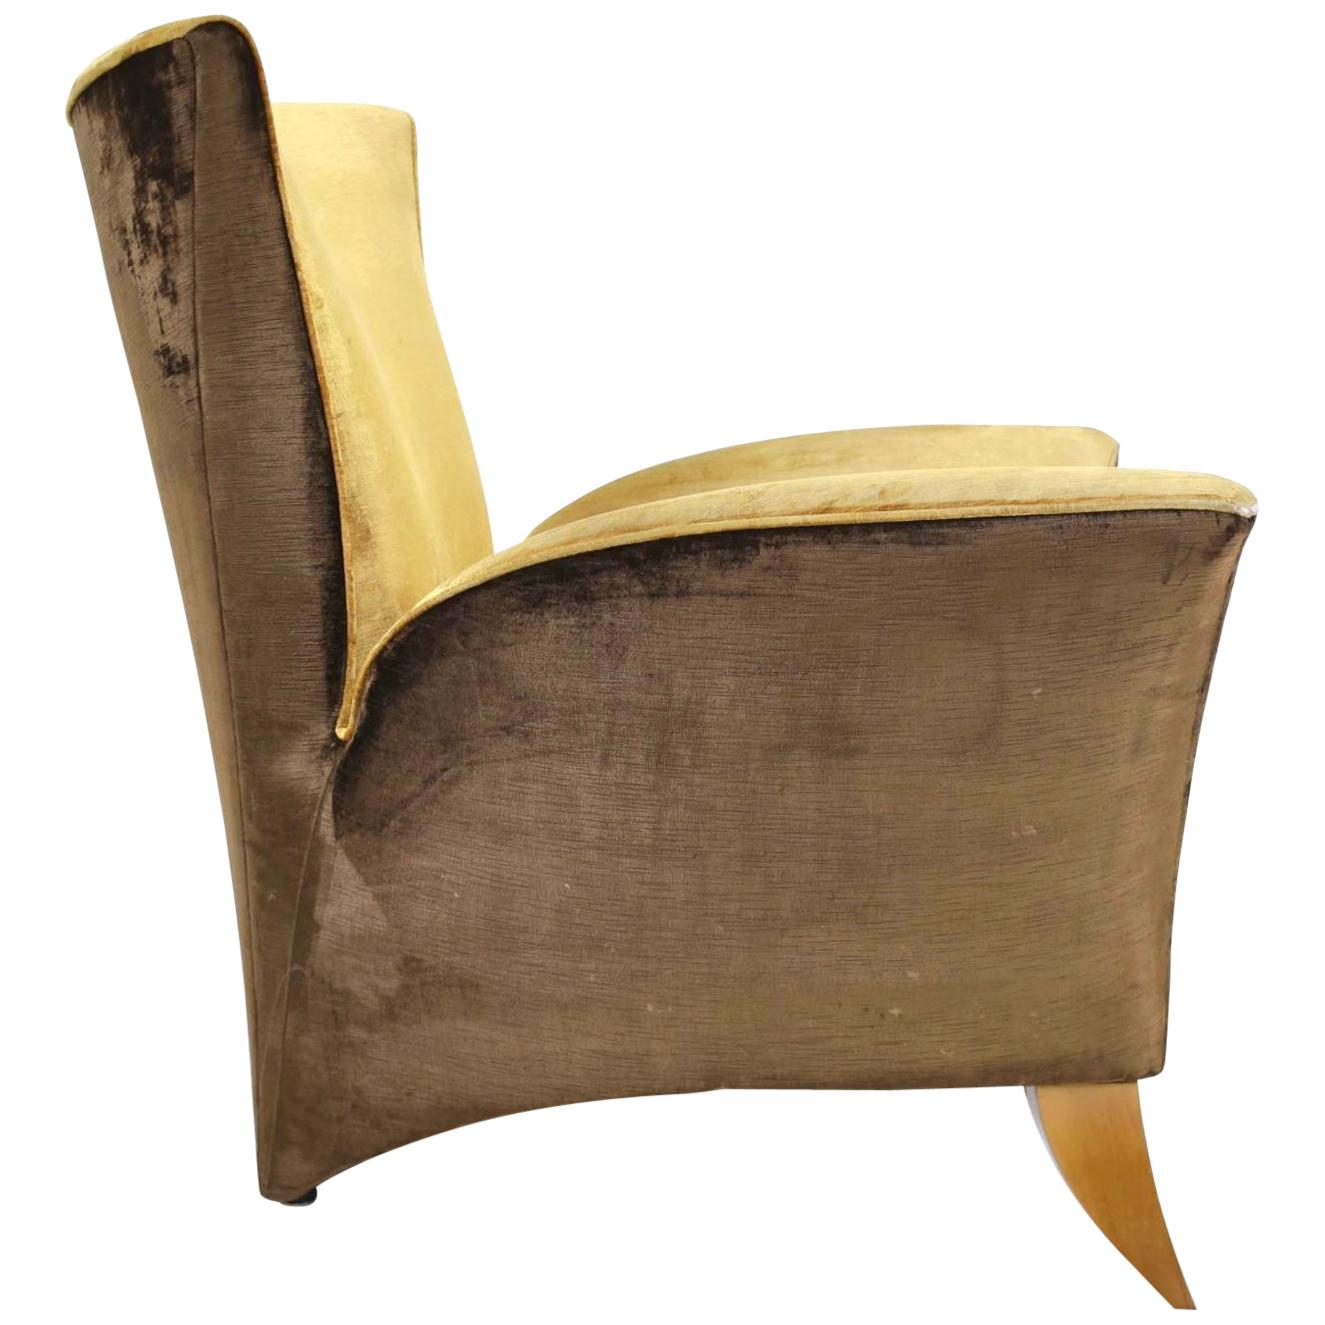 Sculptural Italian Lounge Chair, 1960s